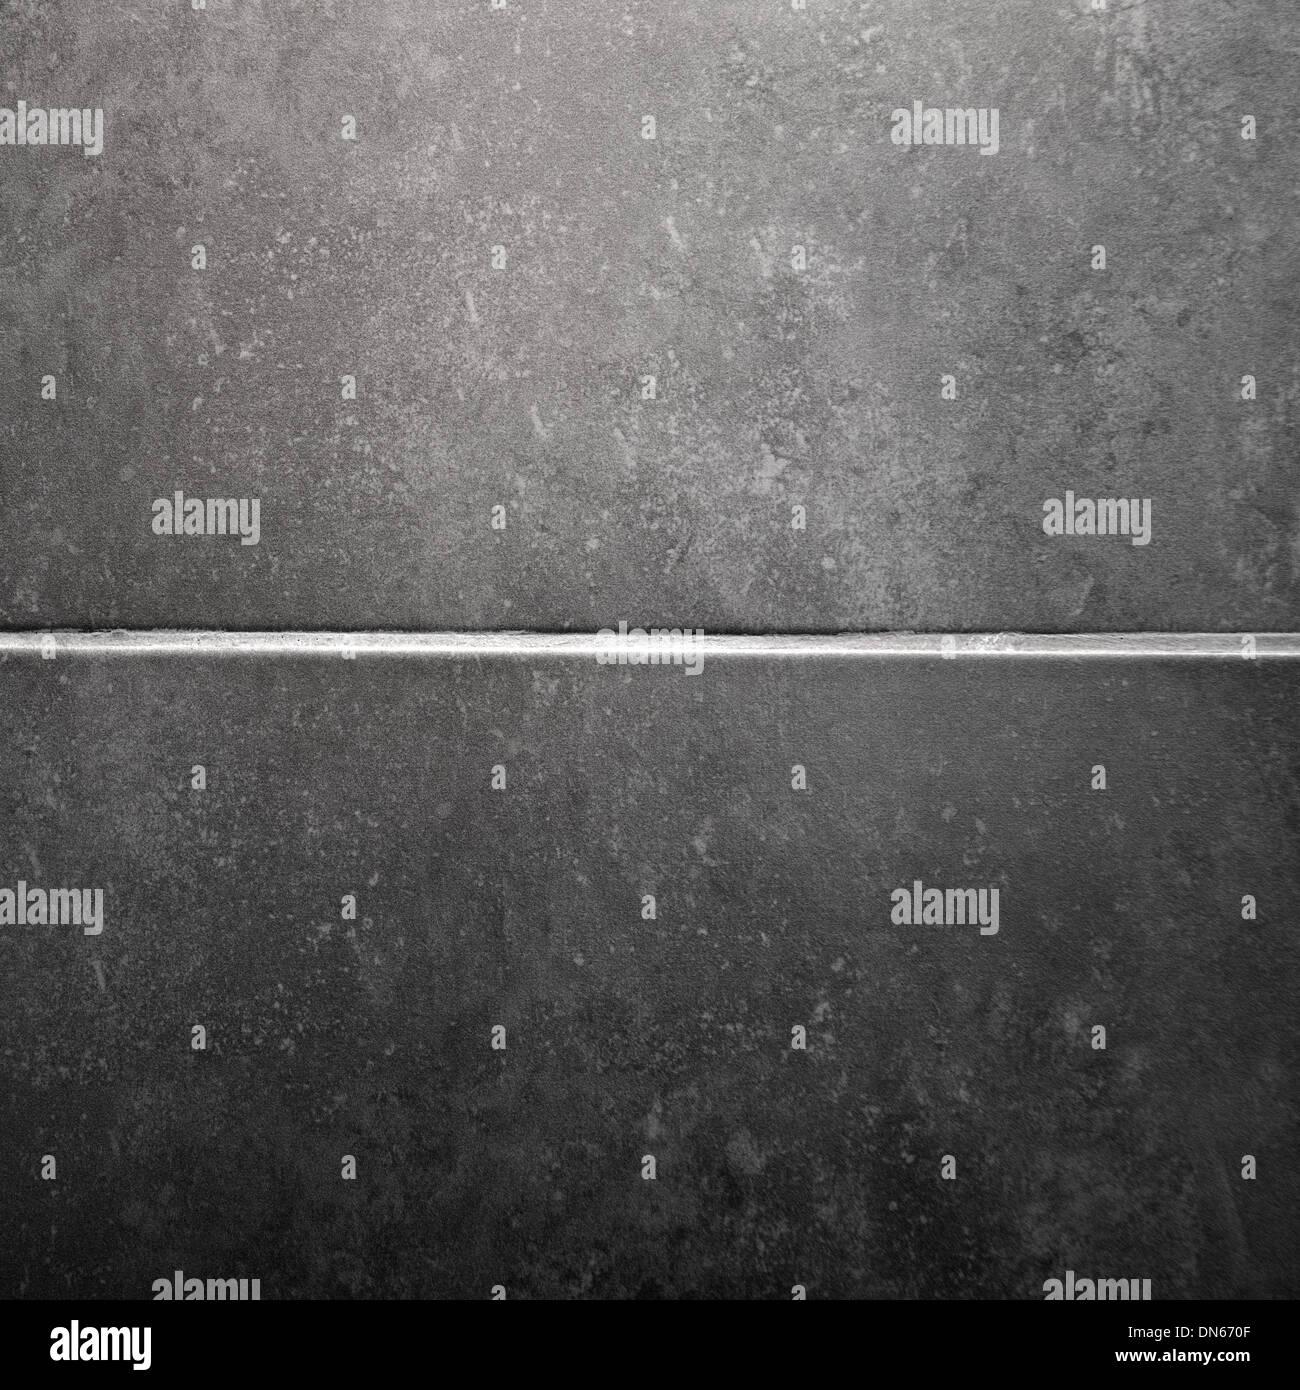 Fliesen textur grau  Keramische Fliesen Textur. Graue Fliesen für Wand oder Boden ...